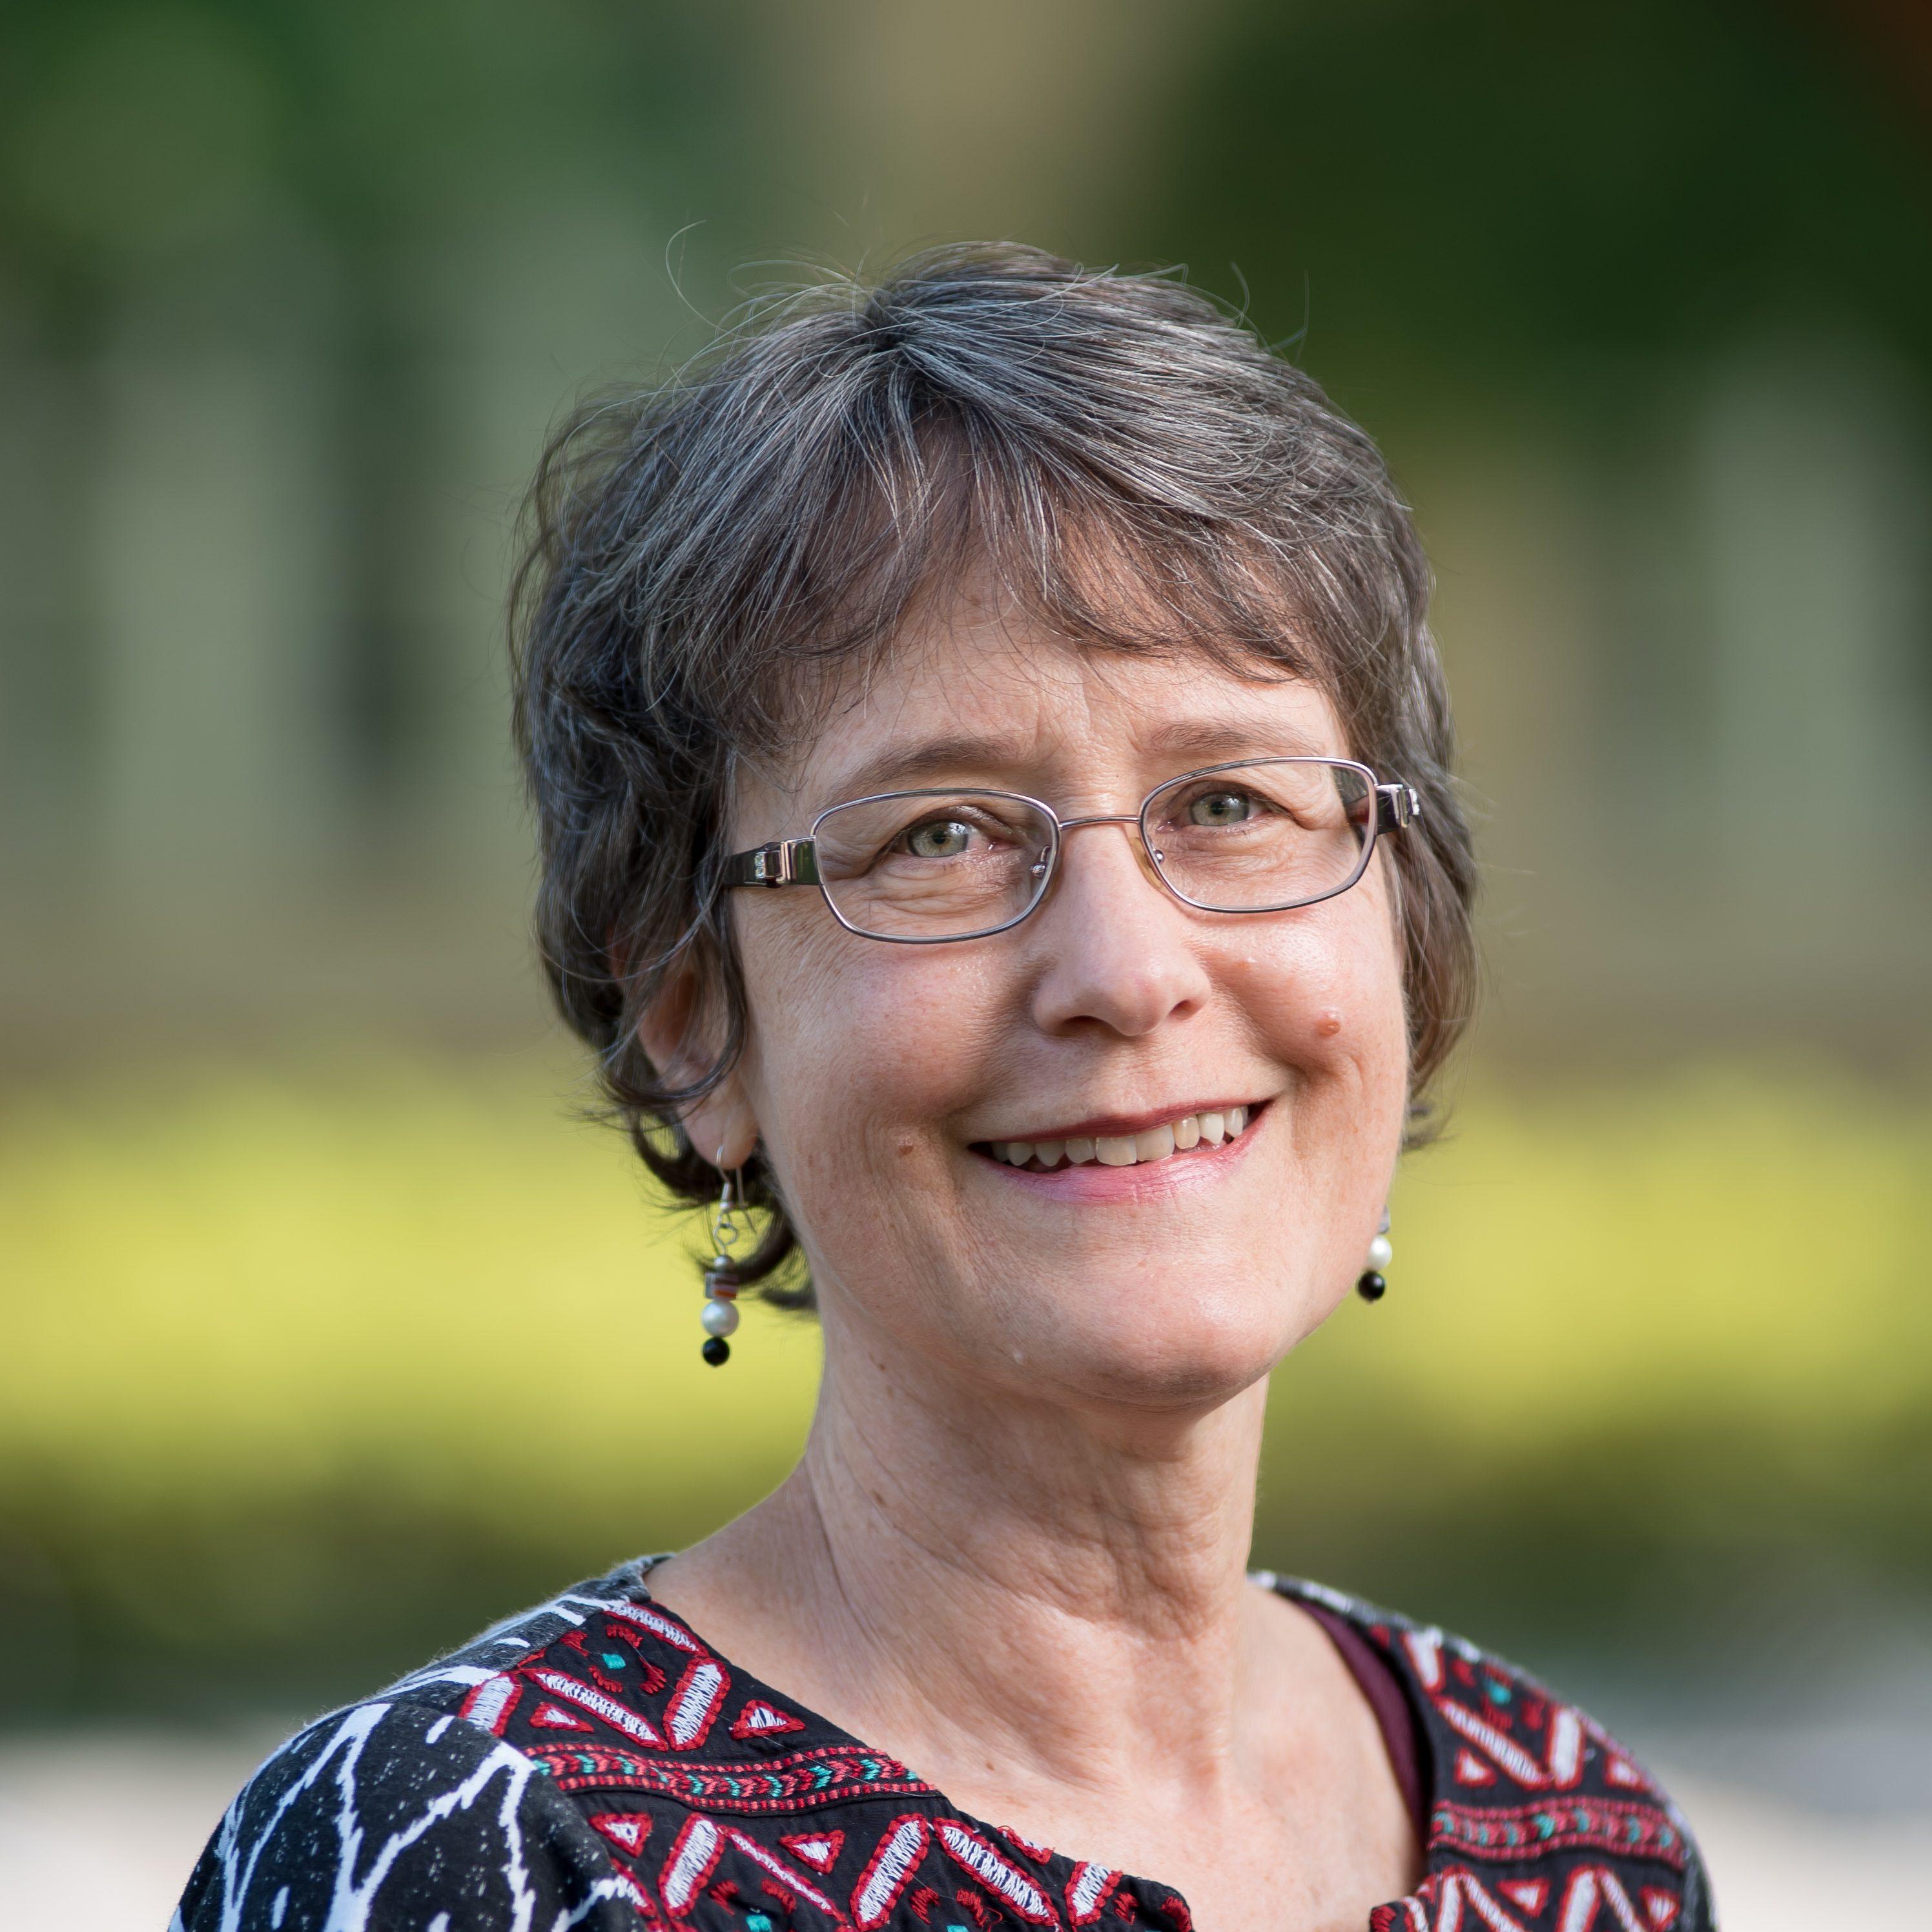 Laura Hebert